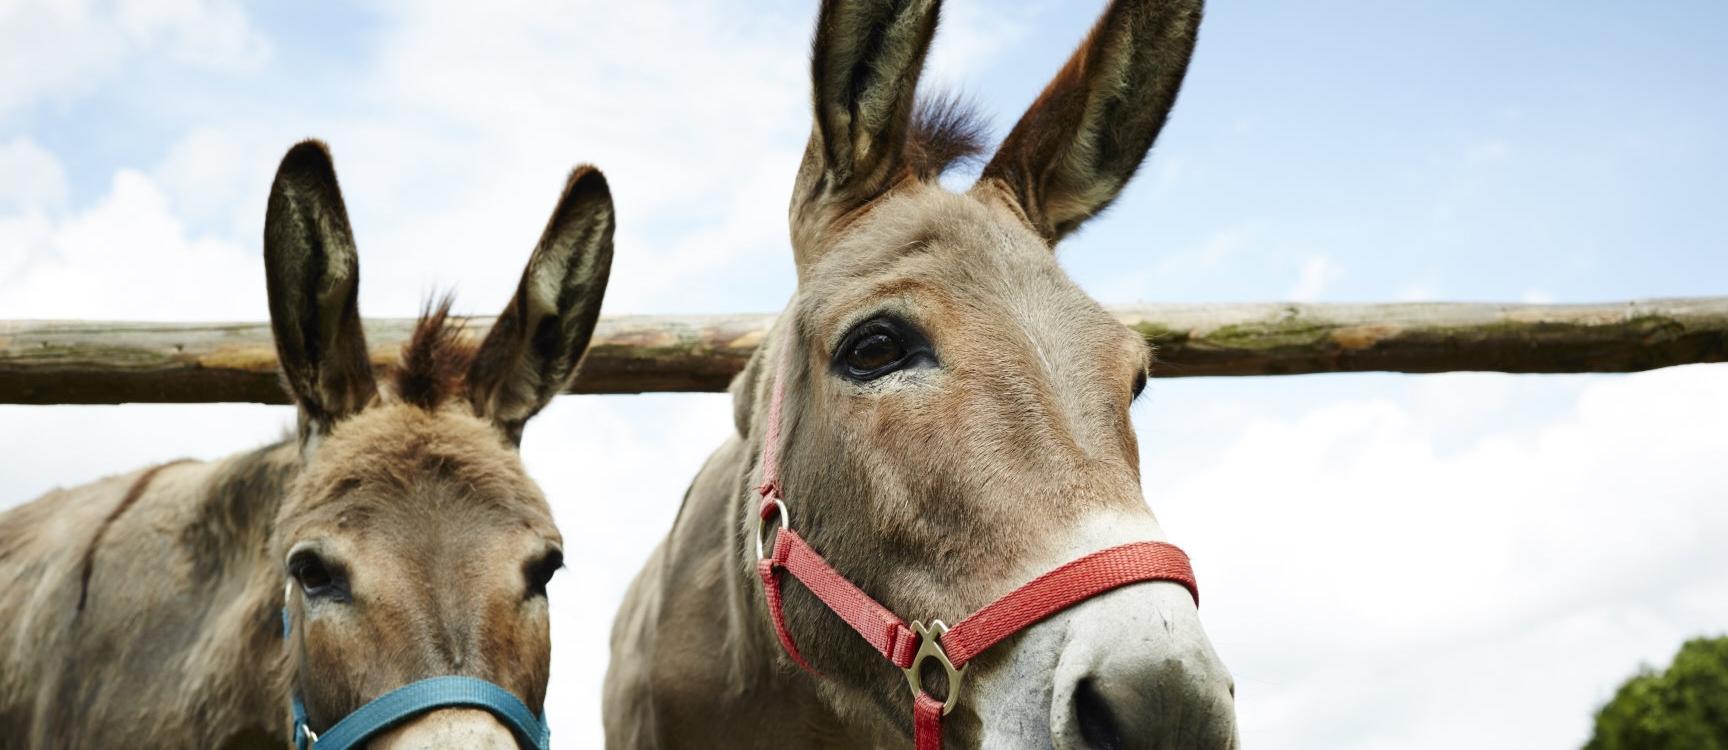 Unsere Esel und andere Tiere warten auf Euch!